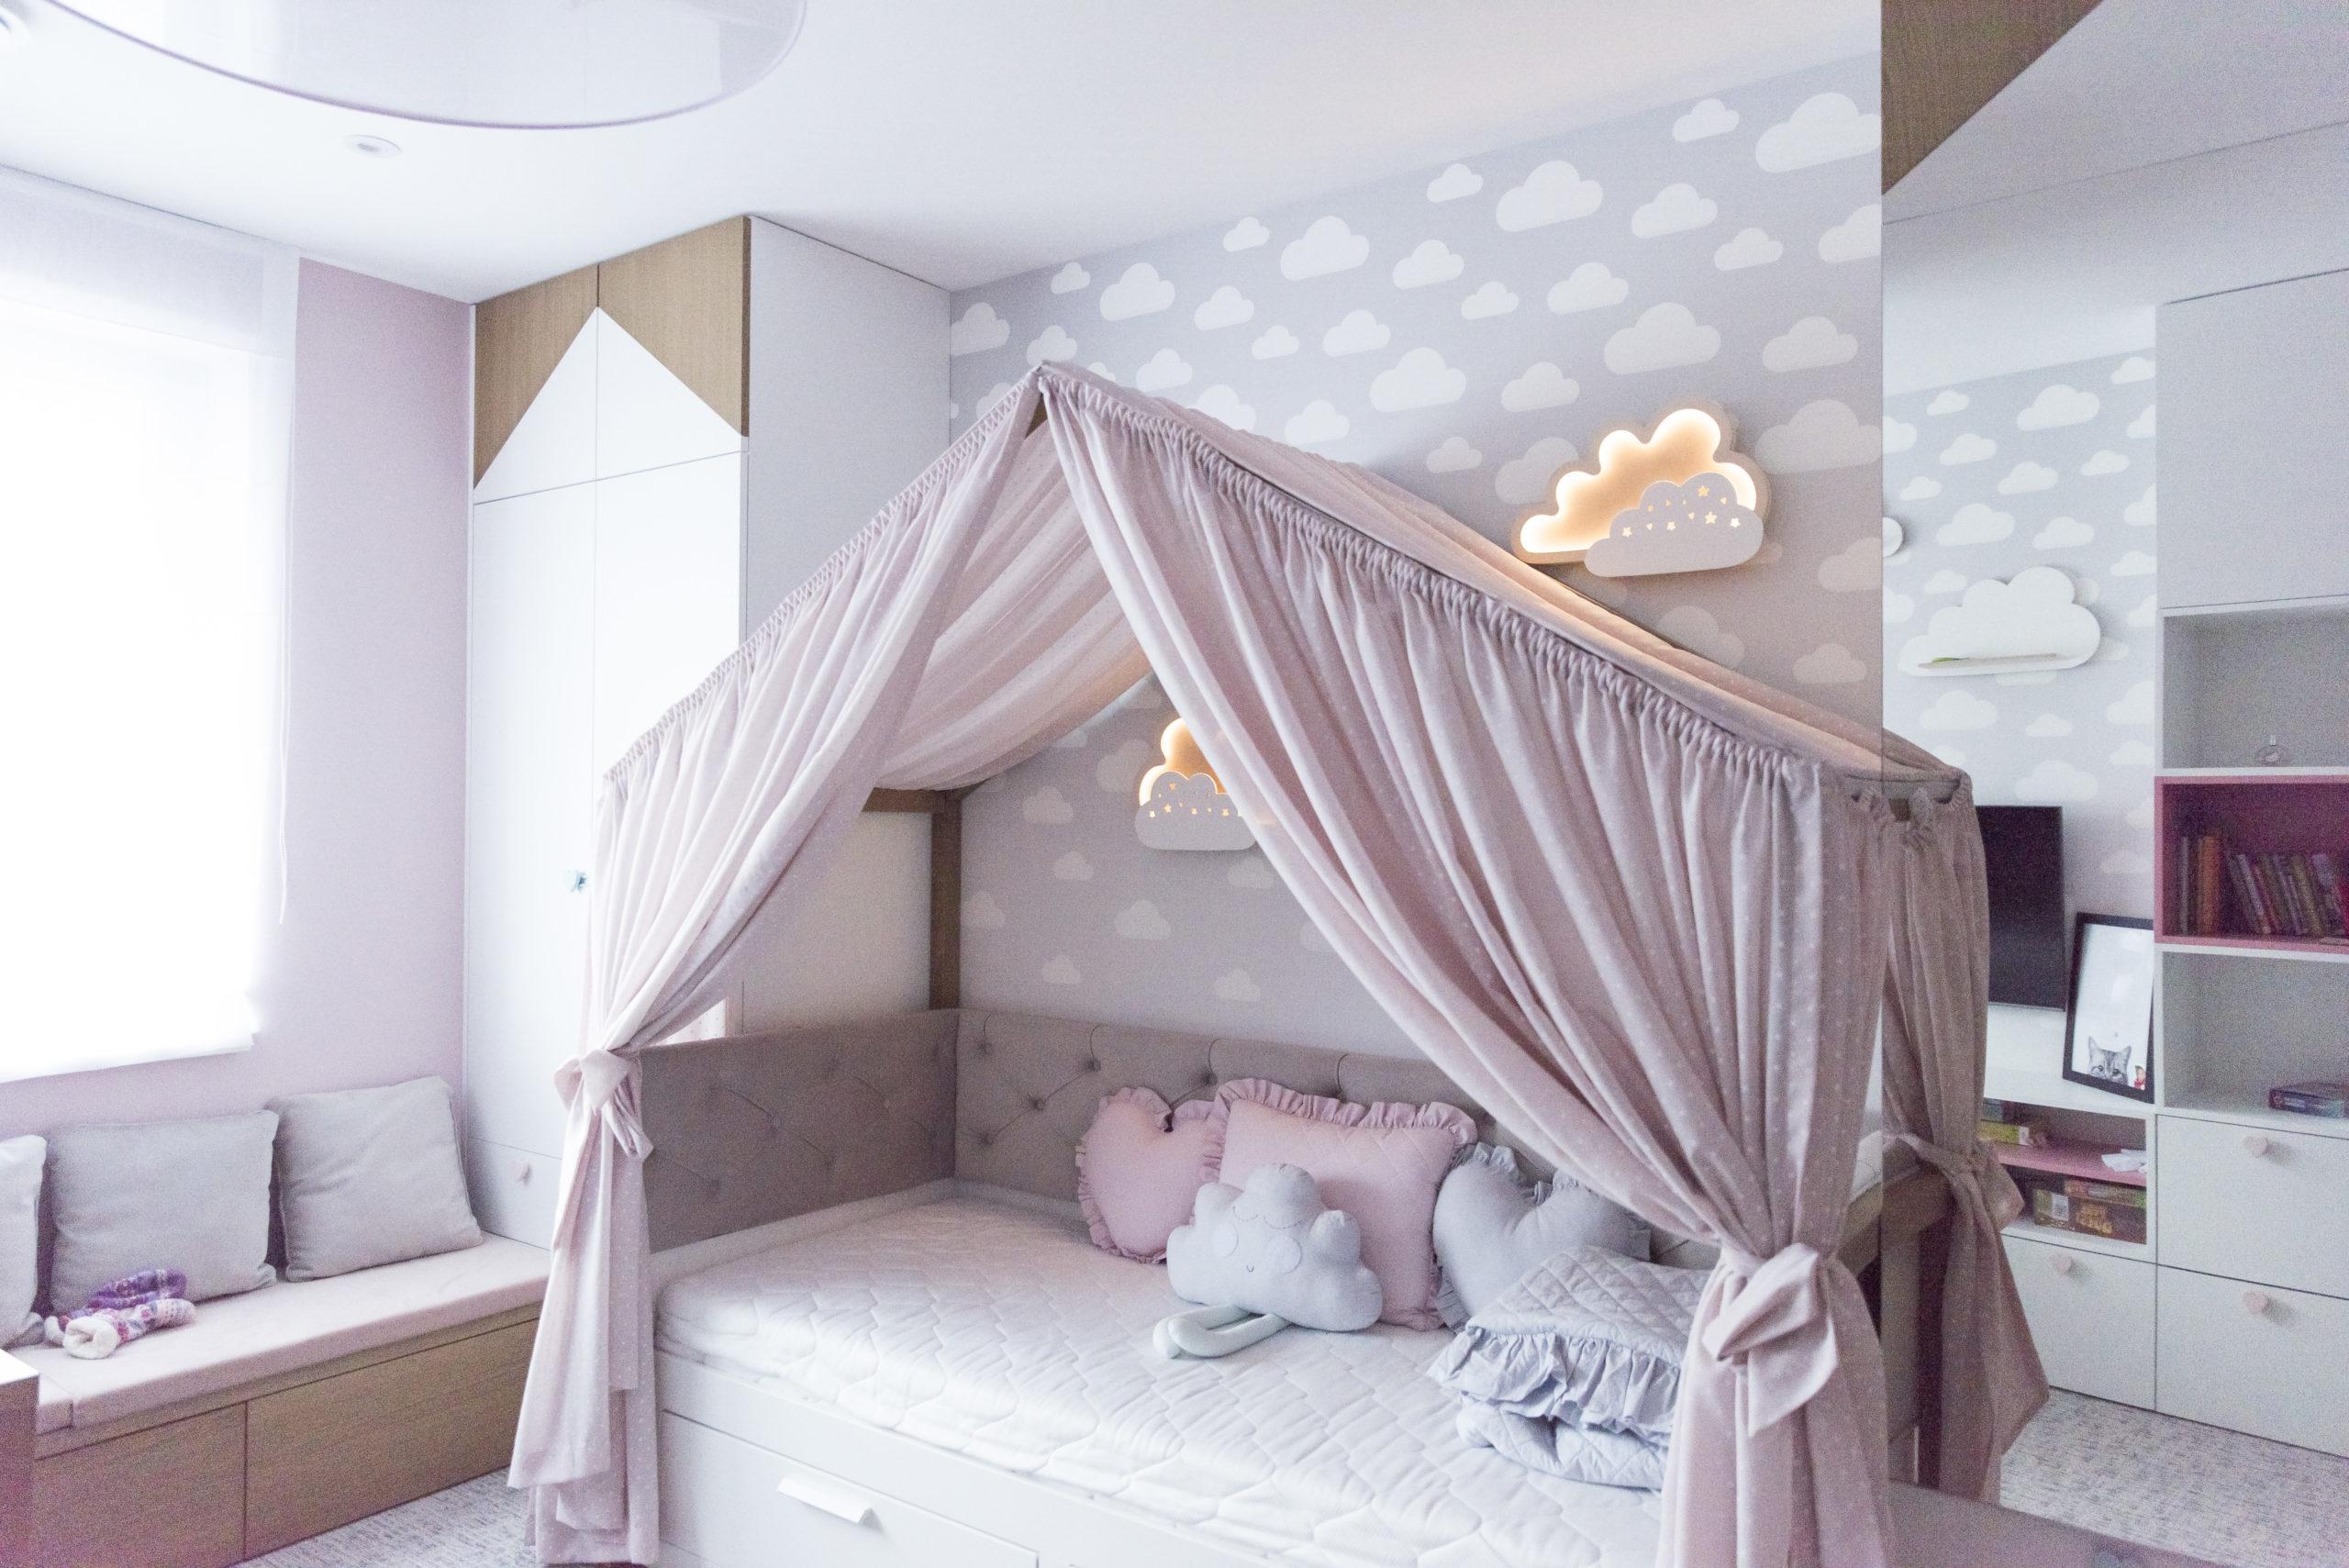 Pokój dziecięcy z różowymi zasłonami